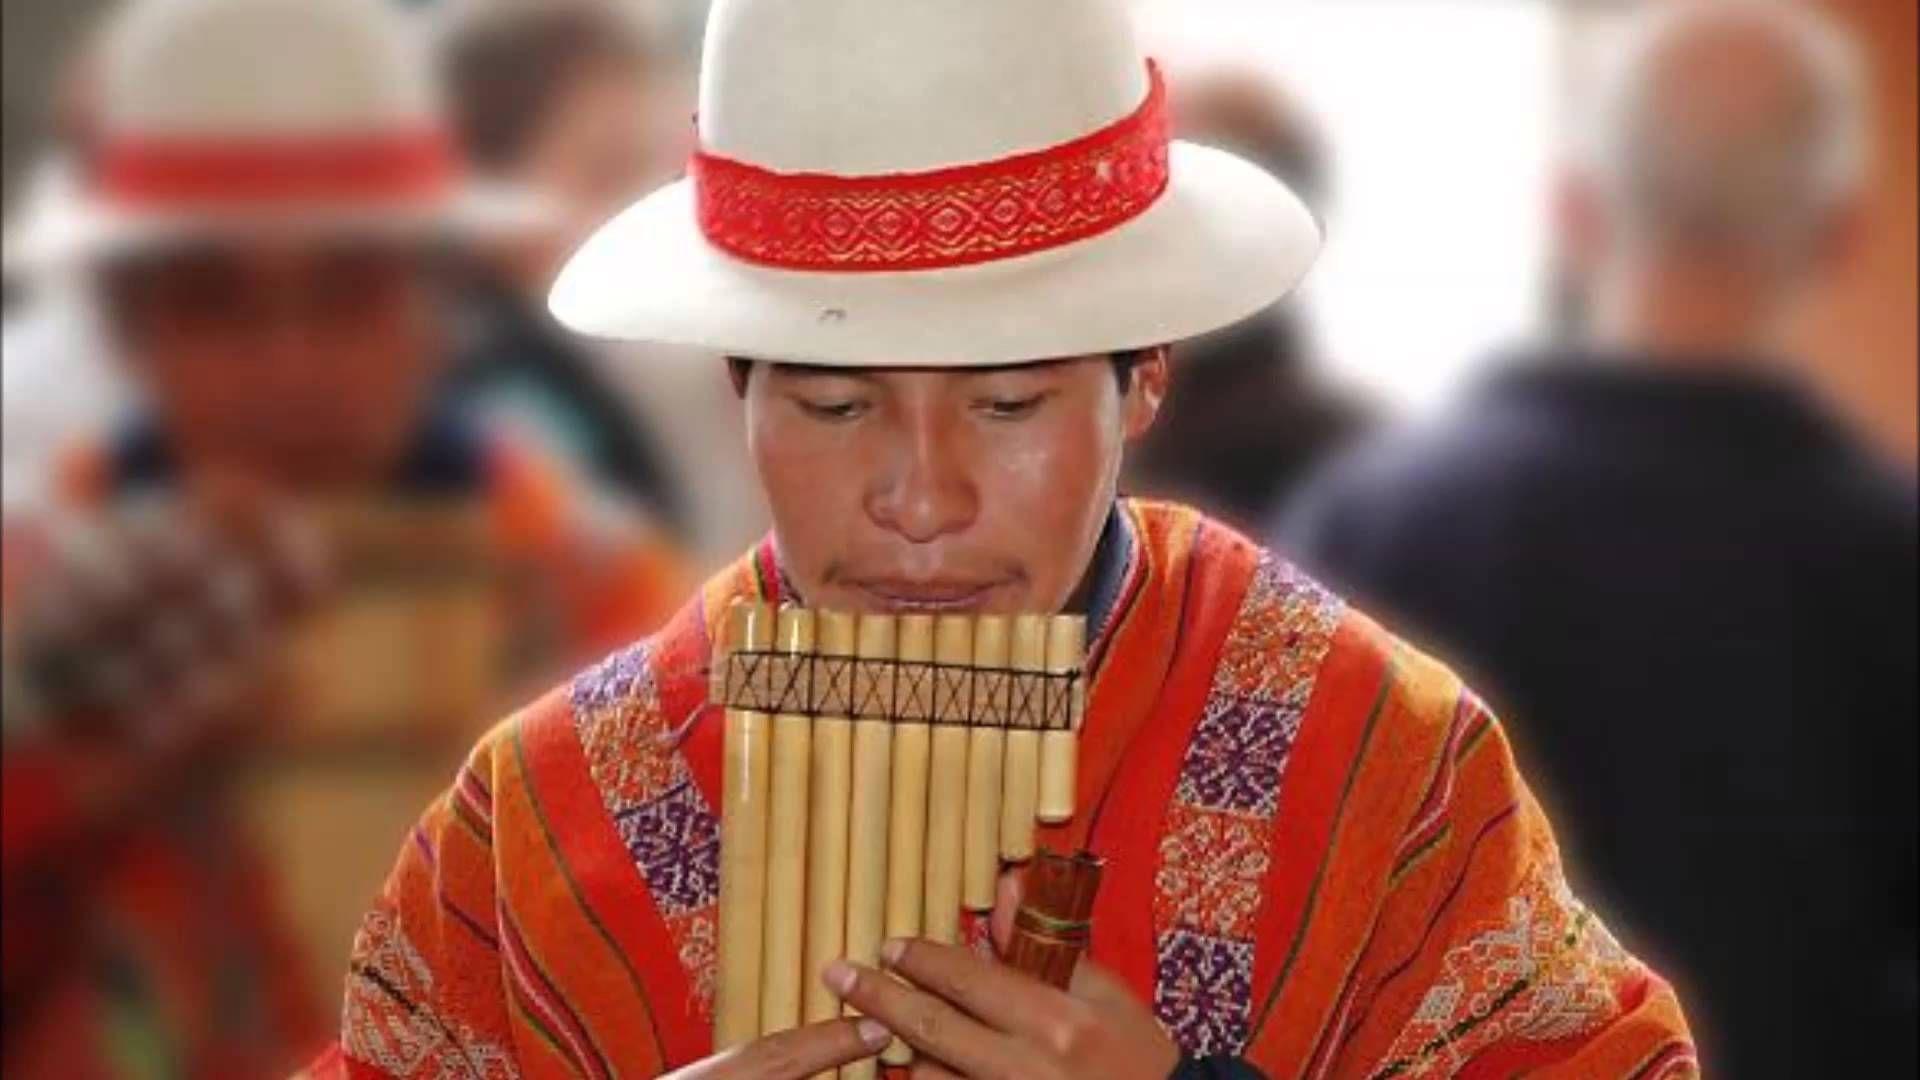 La música andina es el tipo de música en los Andes de sudamérica. El  charango es un instrumento es de Quechua. 86f6098a68d